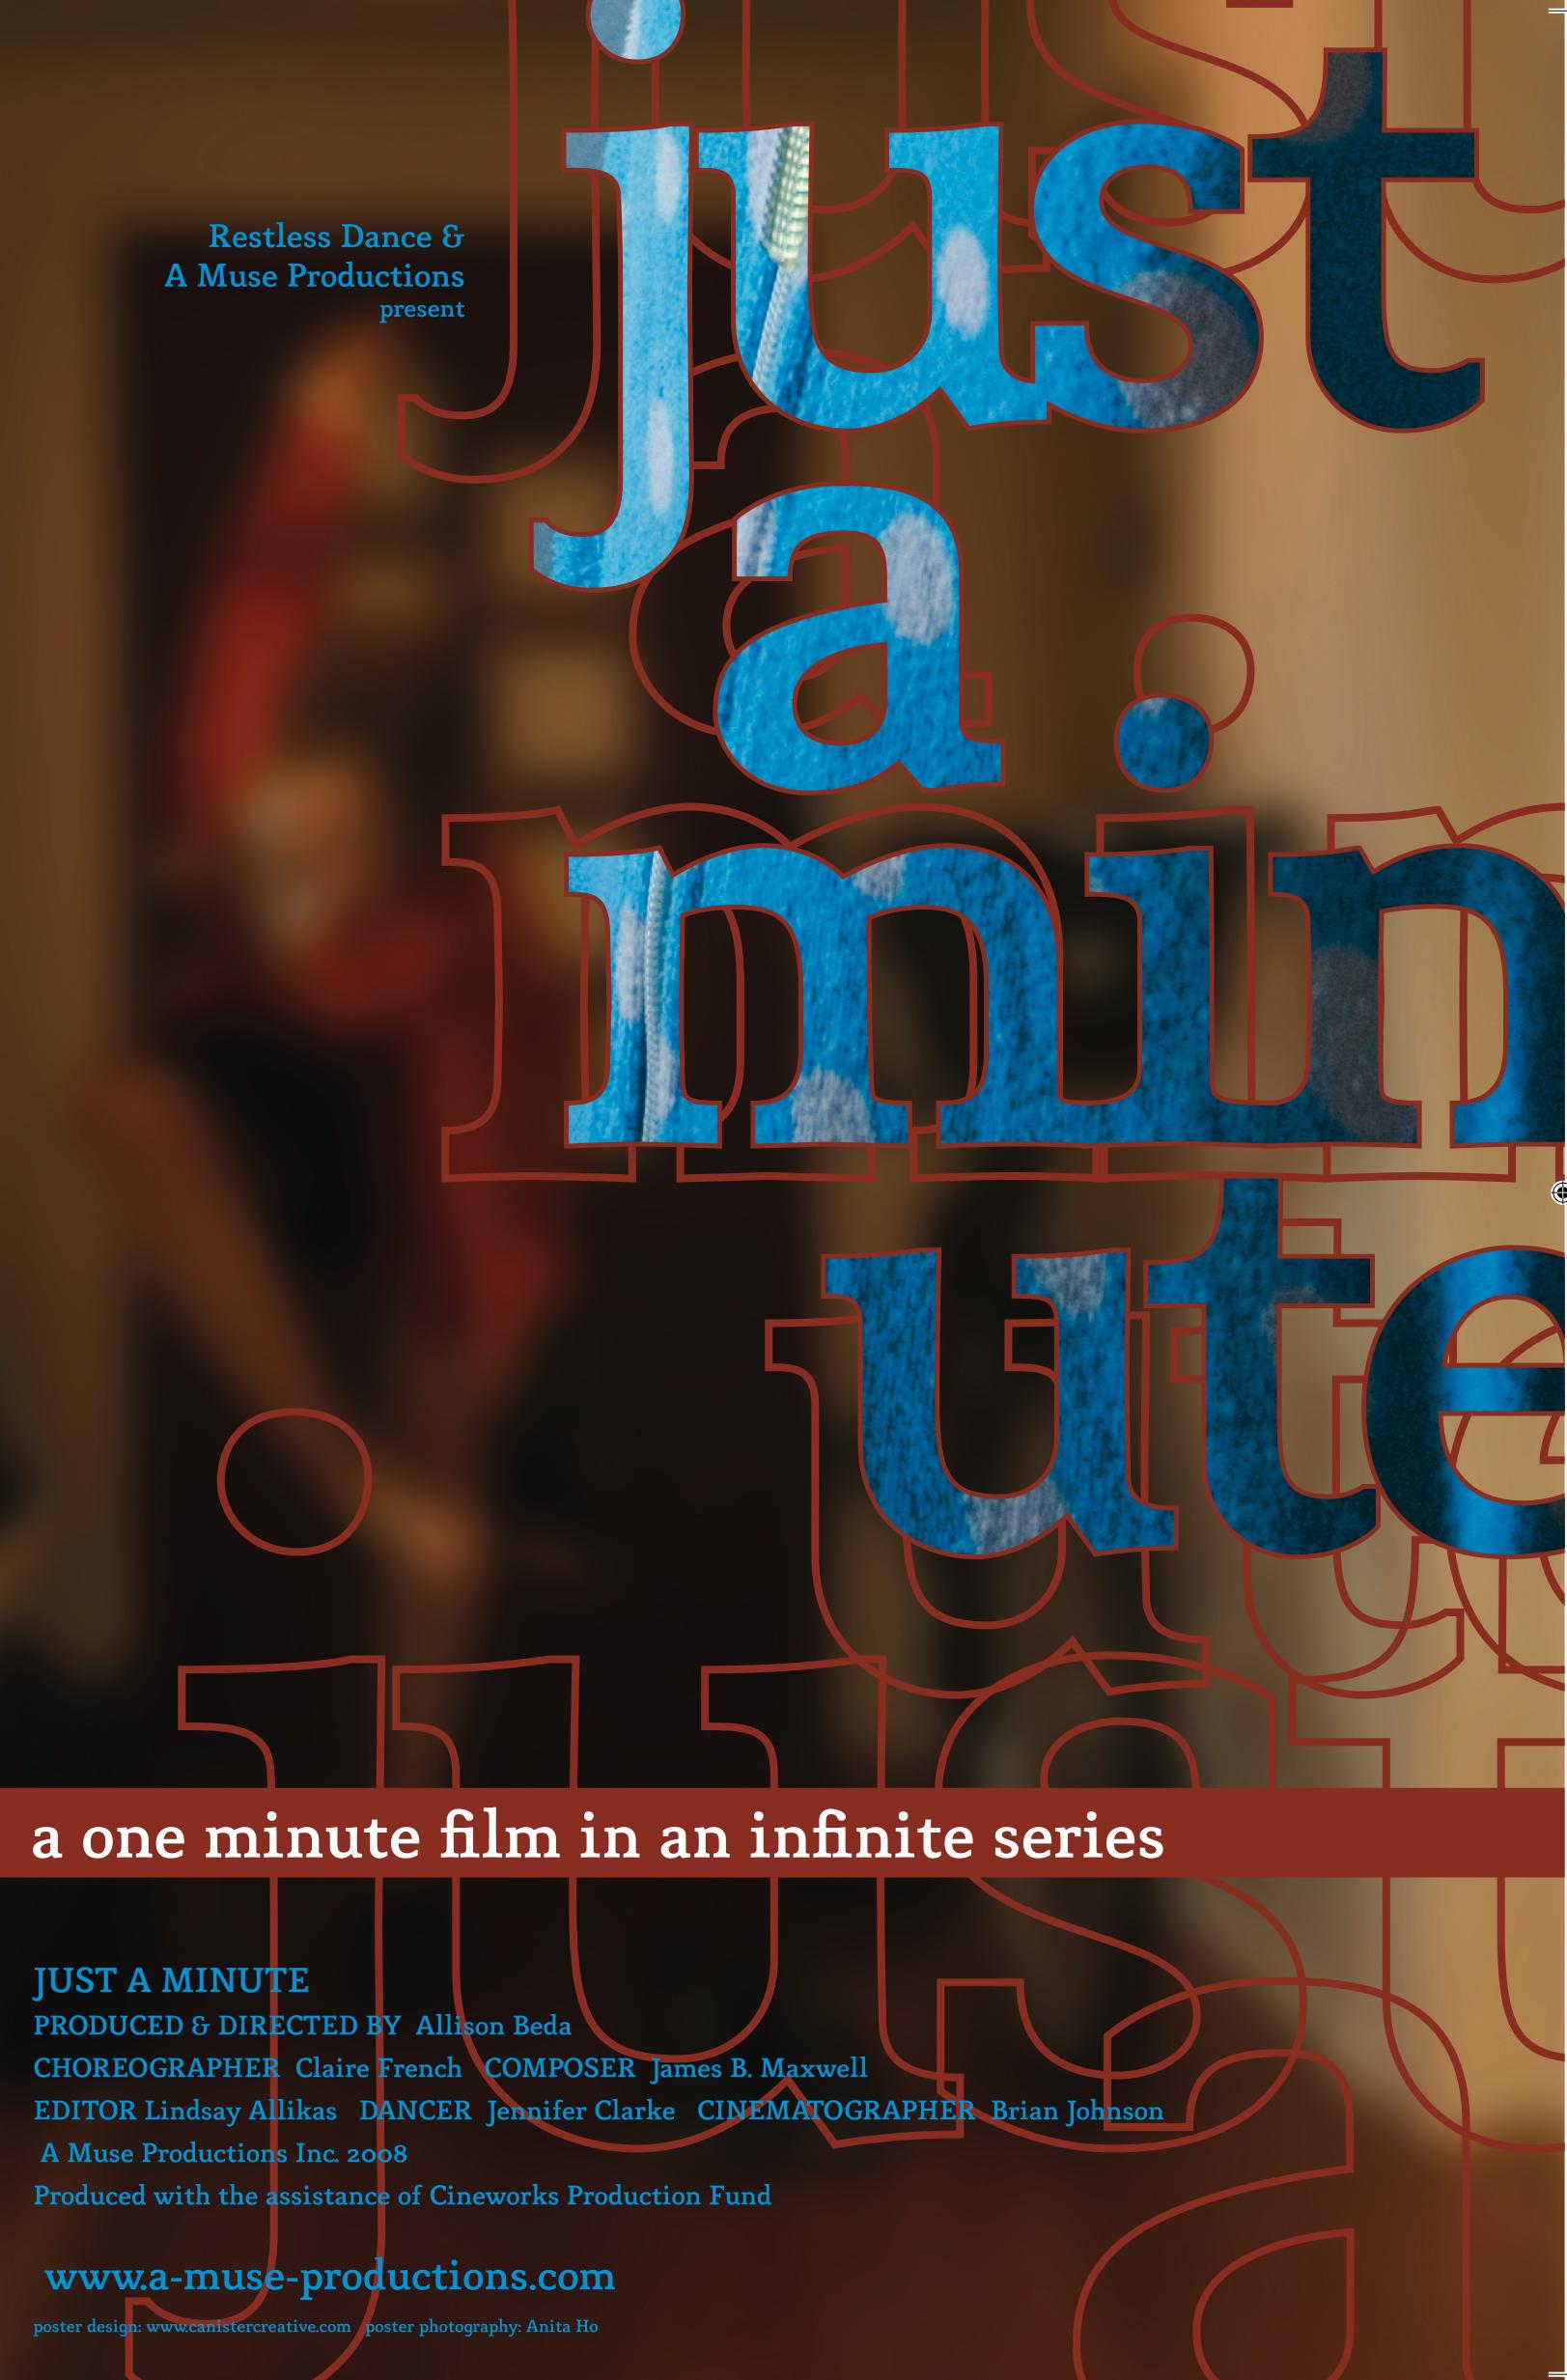 just_a_minute_poster_presskit.jpg